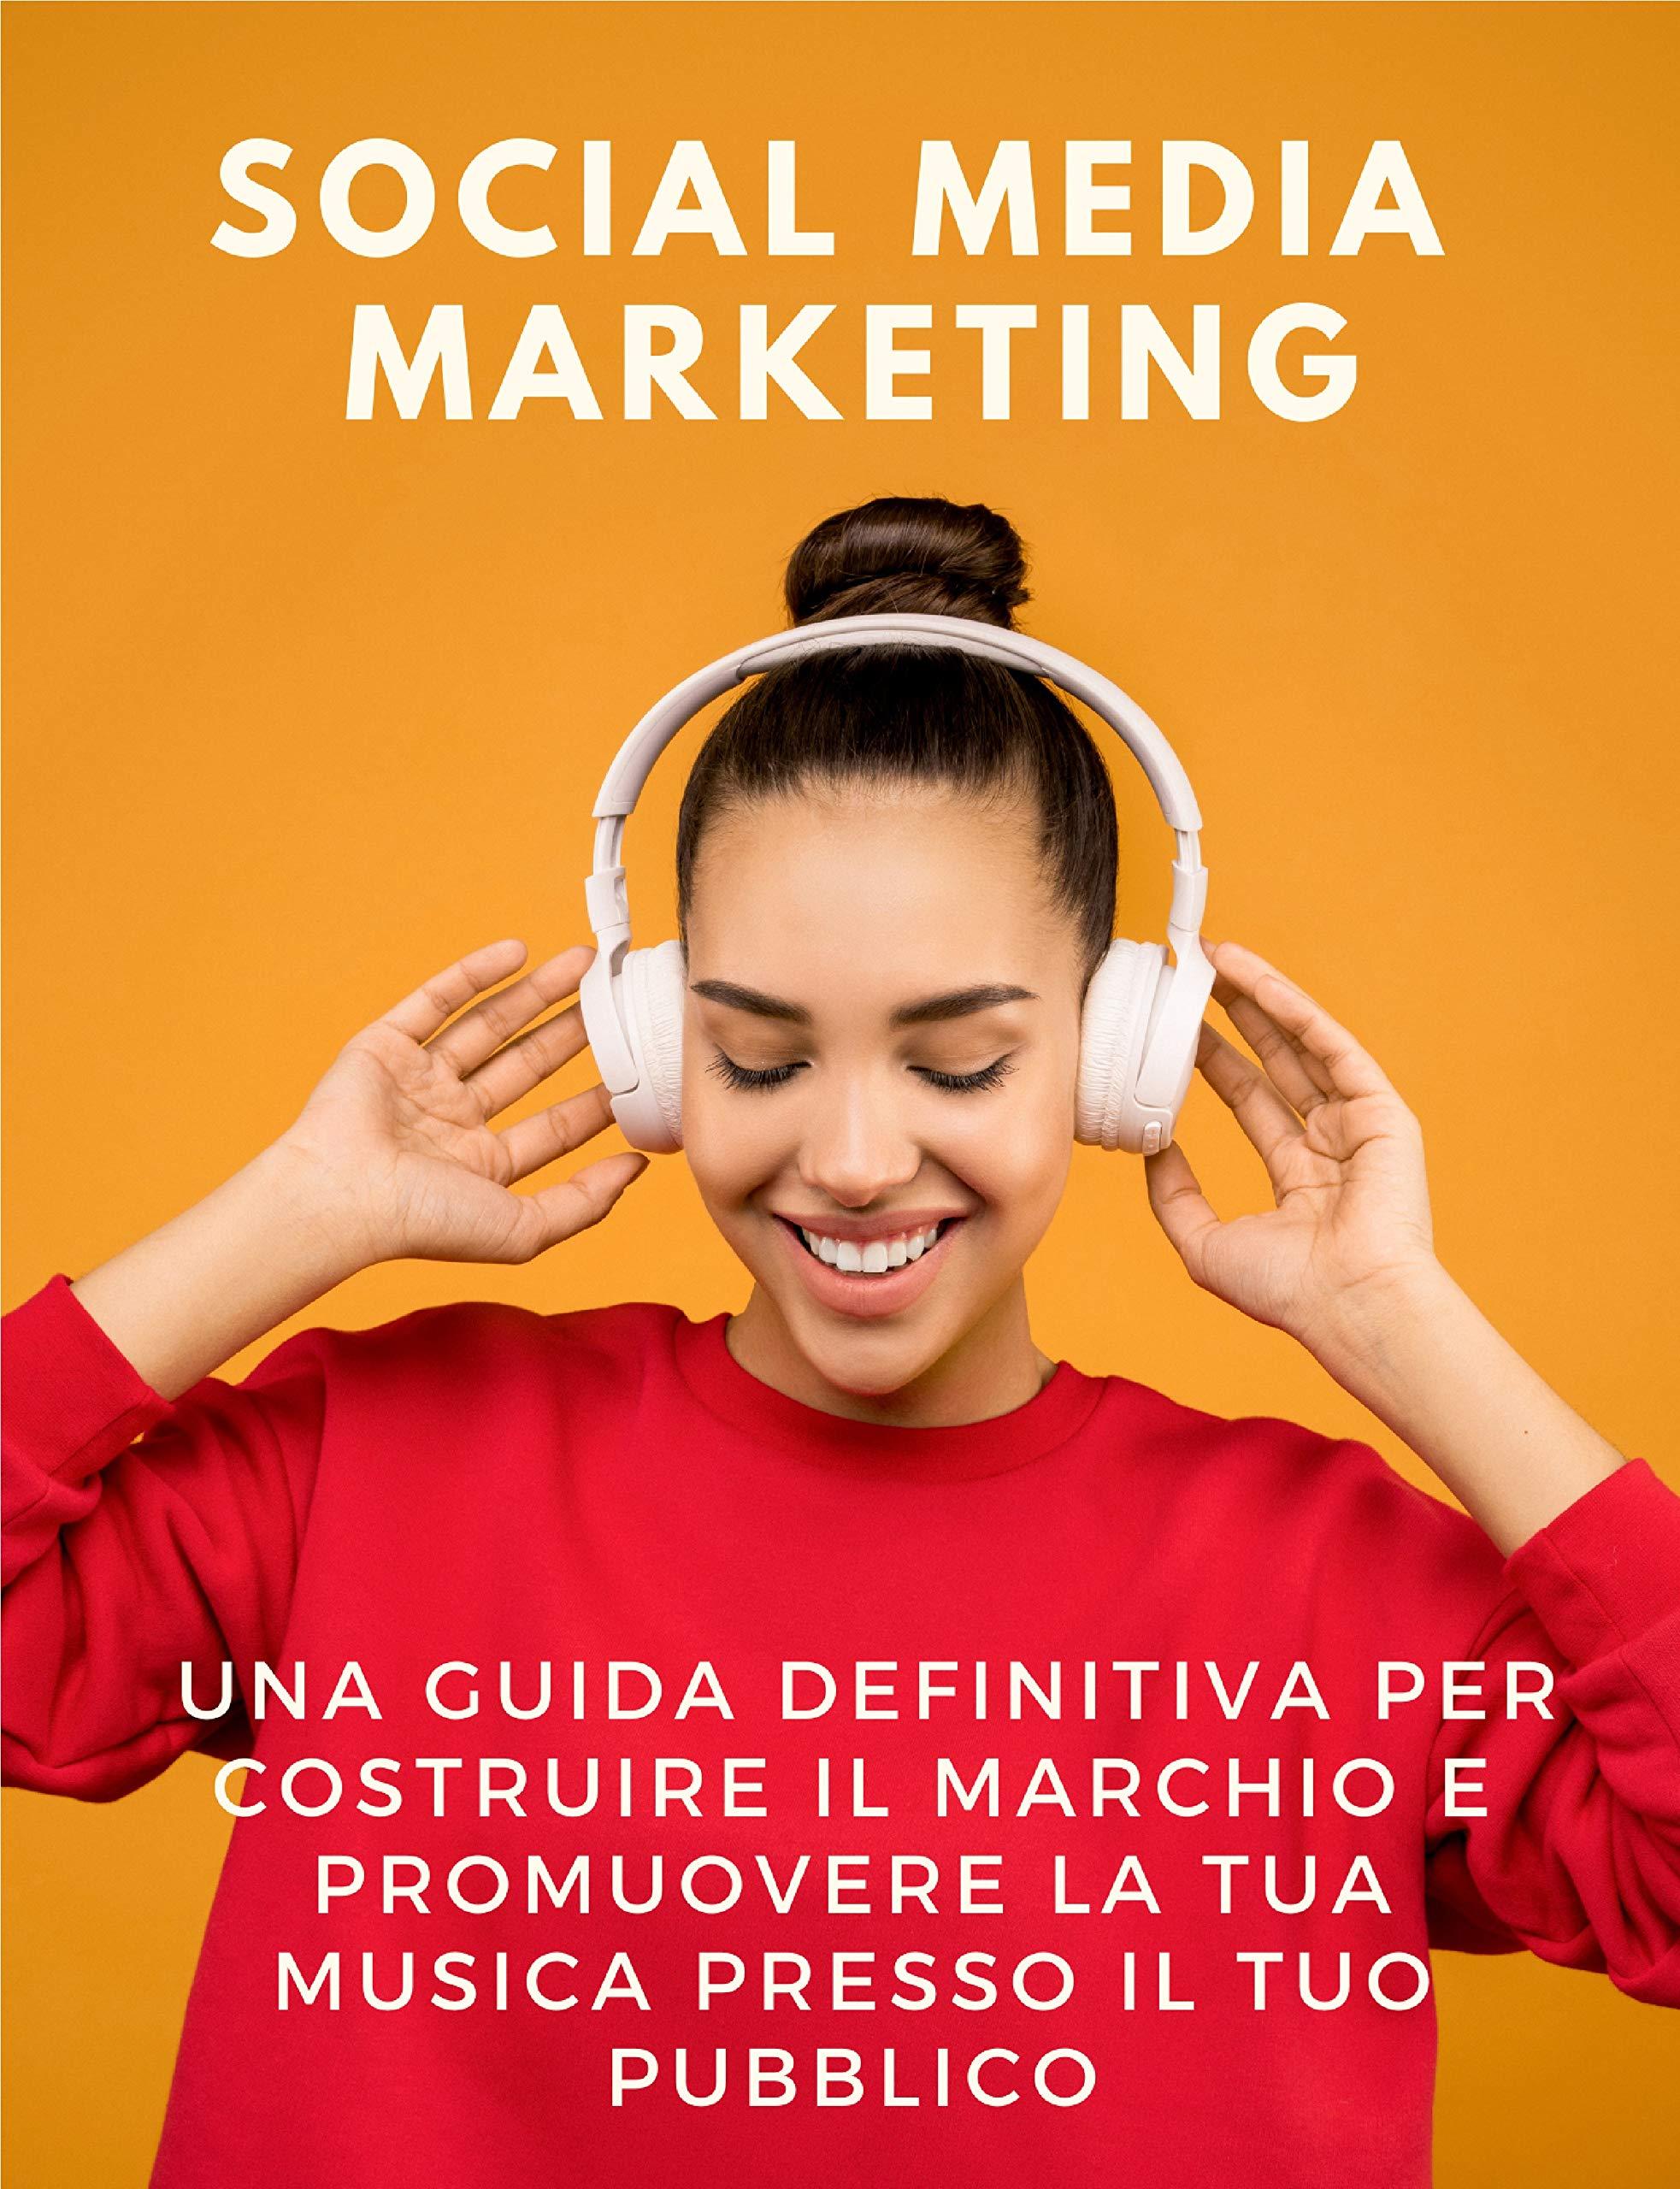 Social Media Marketing: una guida definitiva per costruire il marchio e promuovere la tua musica presso il tuo pubblico (Italian Edition)